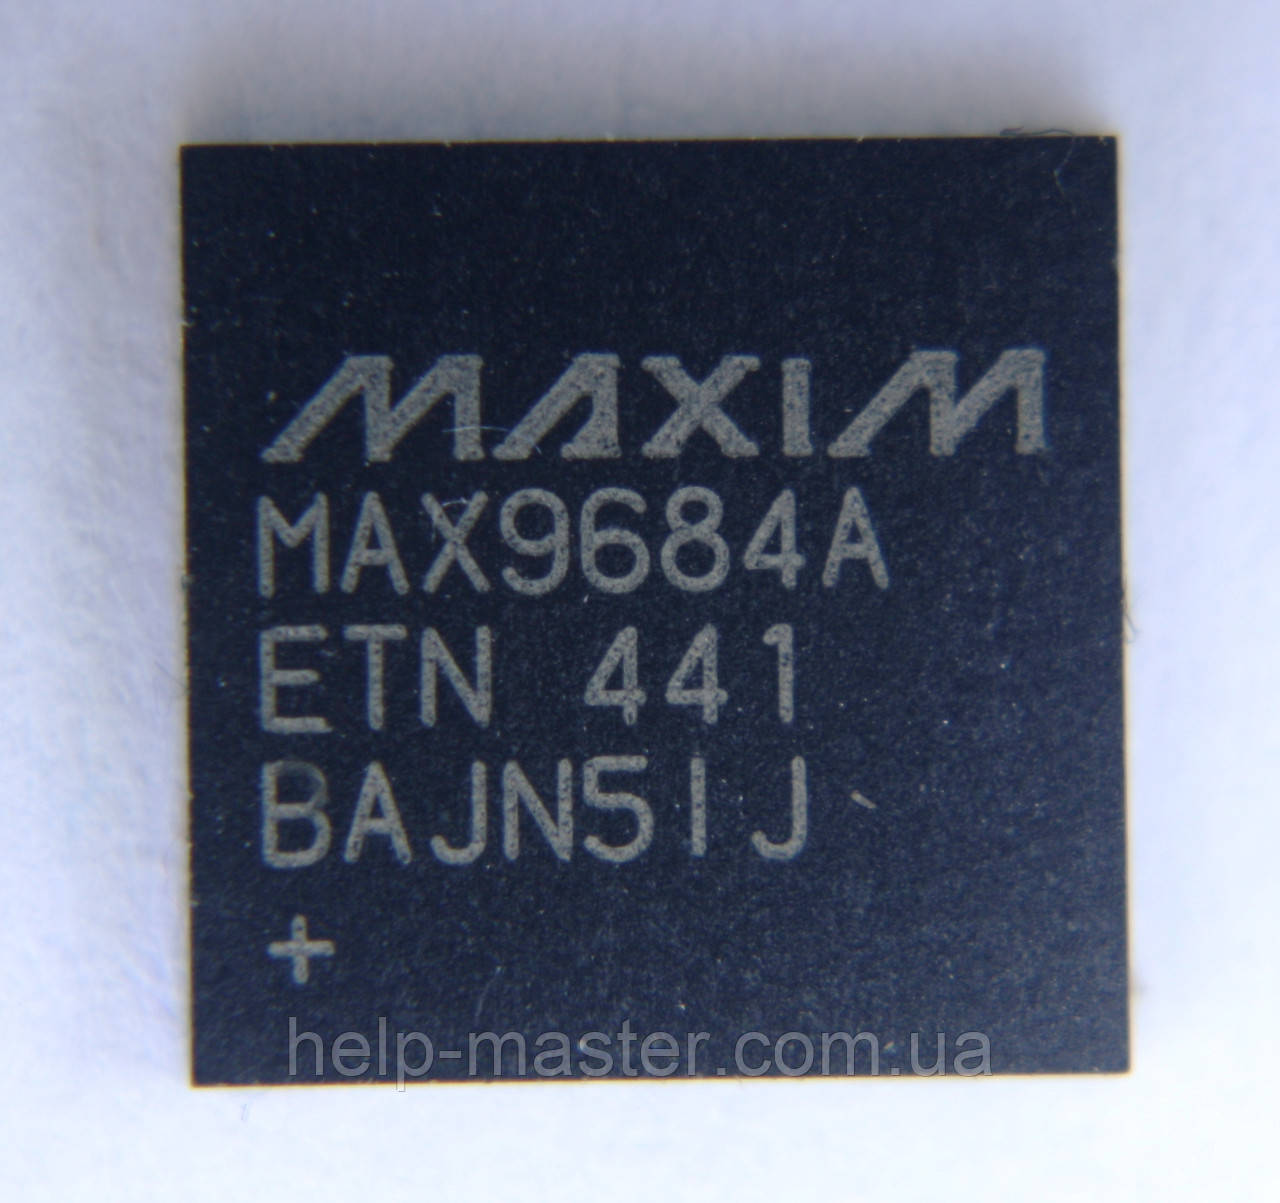 MAX9684A